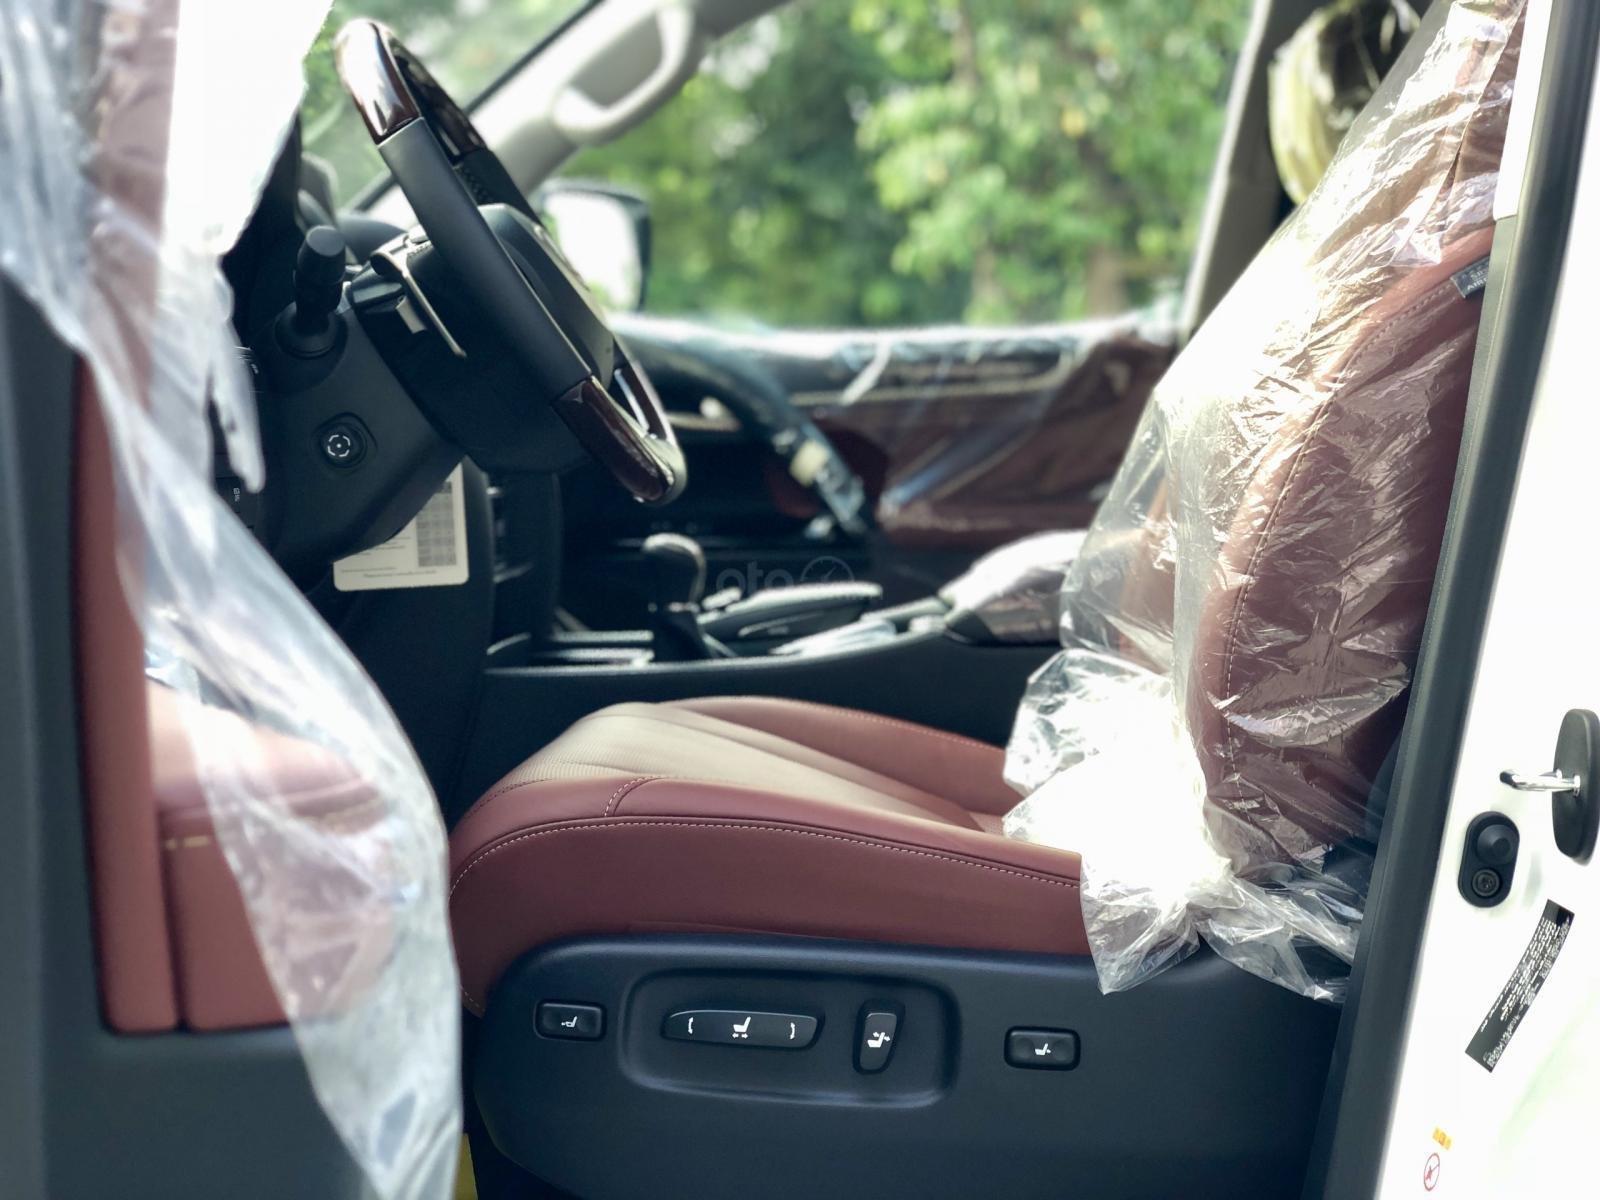 Bán Lexus LX 570S Super Sport model 2020, xe mới giao ngay toàn quốc, giá tốt LH: 093.996.2368 Ms Ngọc Vy (13)